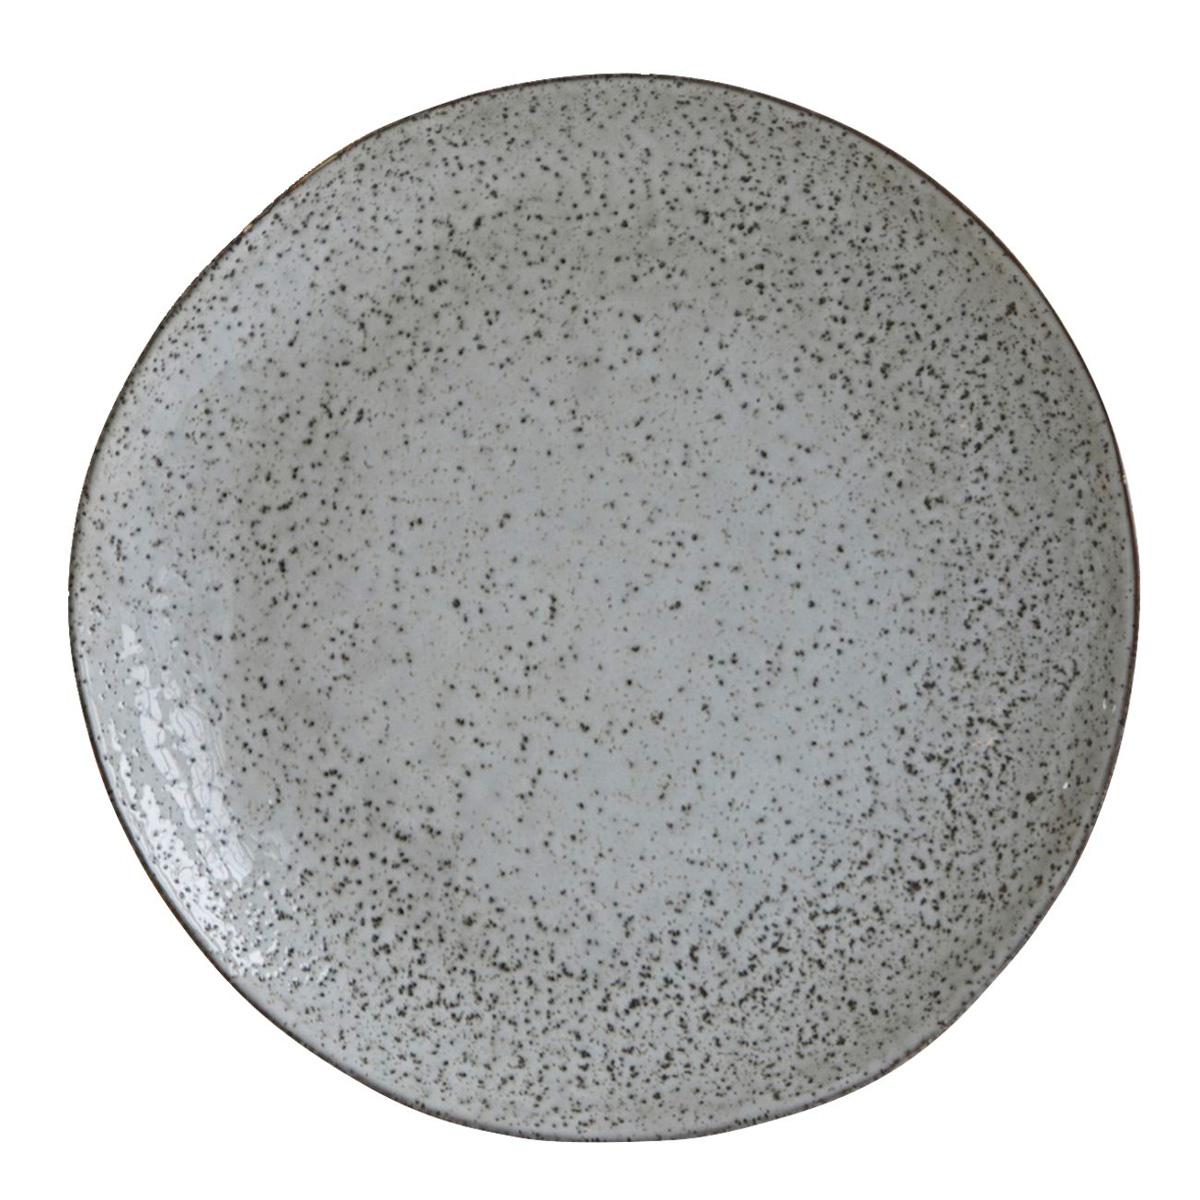 Plato Llano de Gres Rustic - House Doctor - menaje - decorar la mesa - Liderlamp (1)